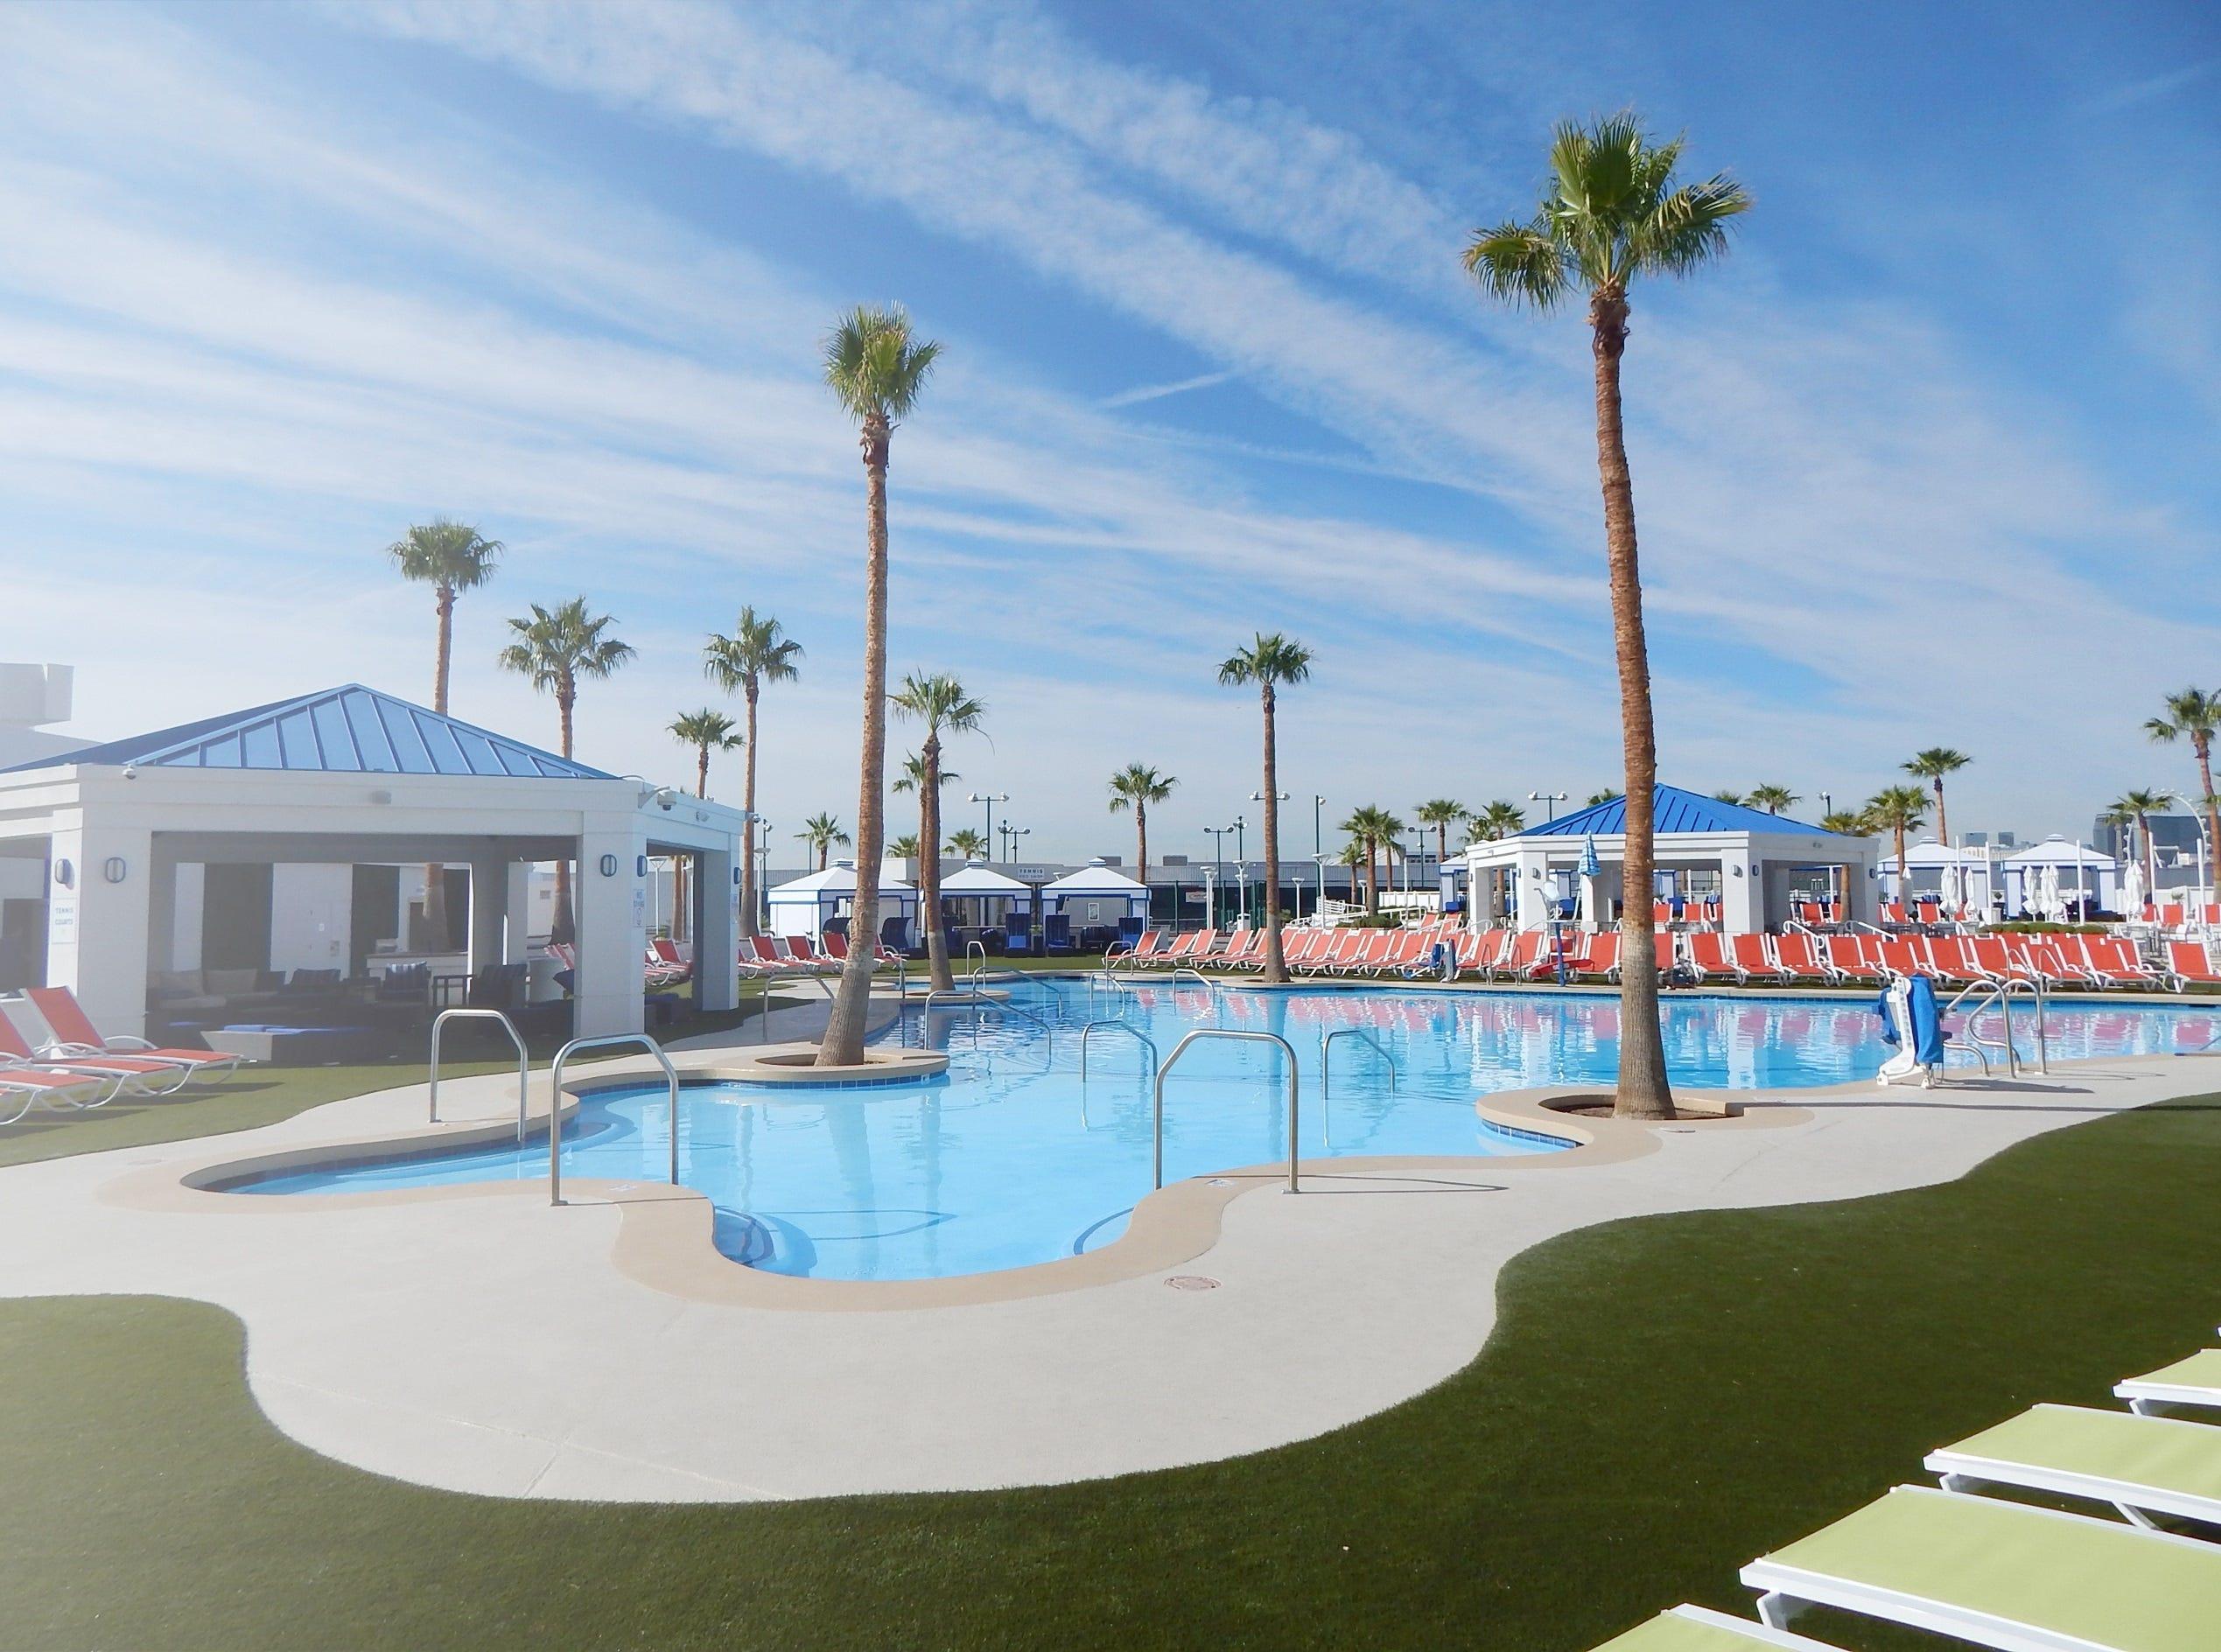 Las Vegas splashes into pool season   USA Today